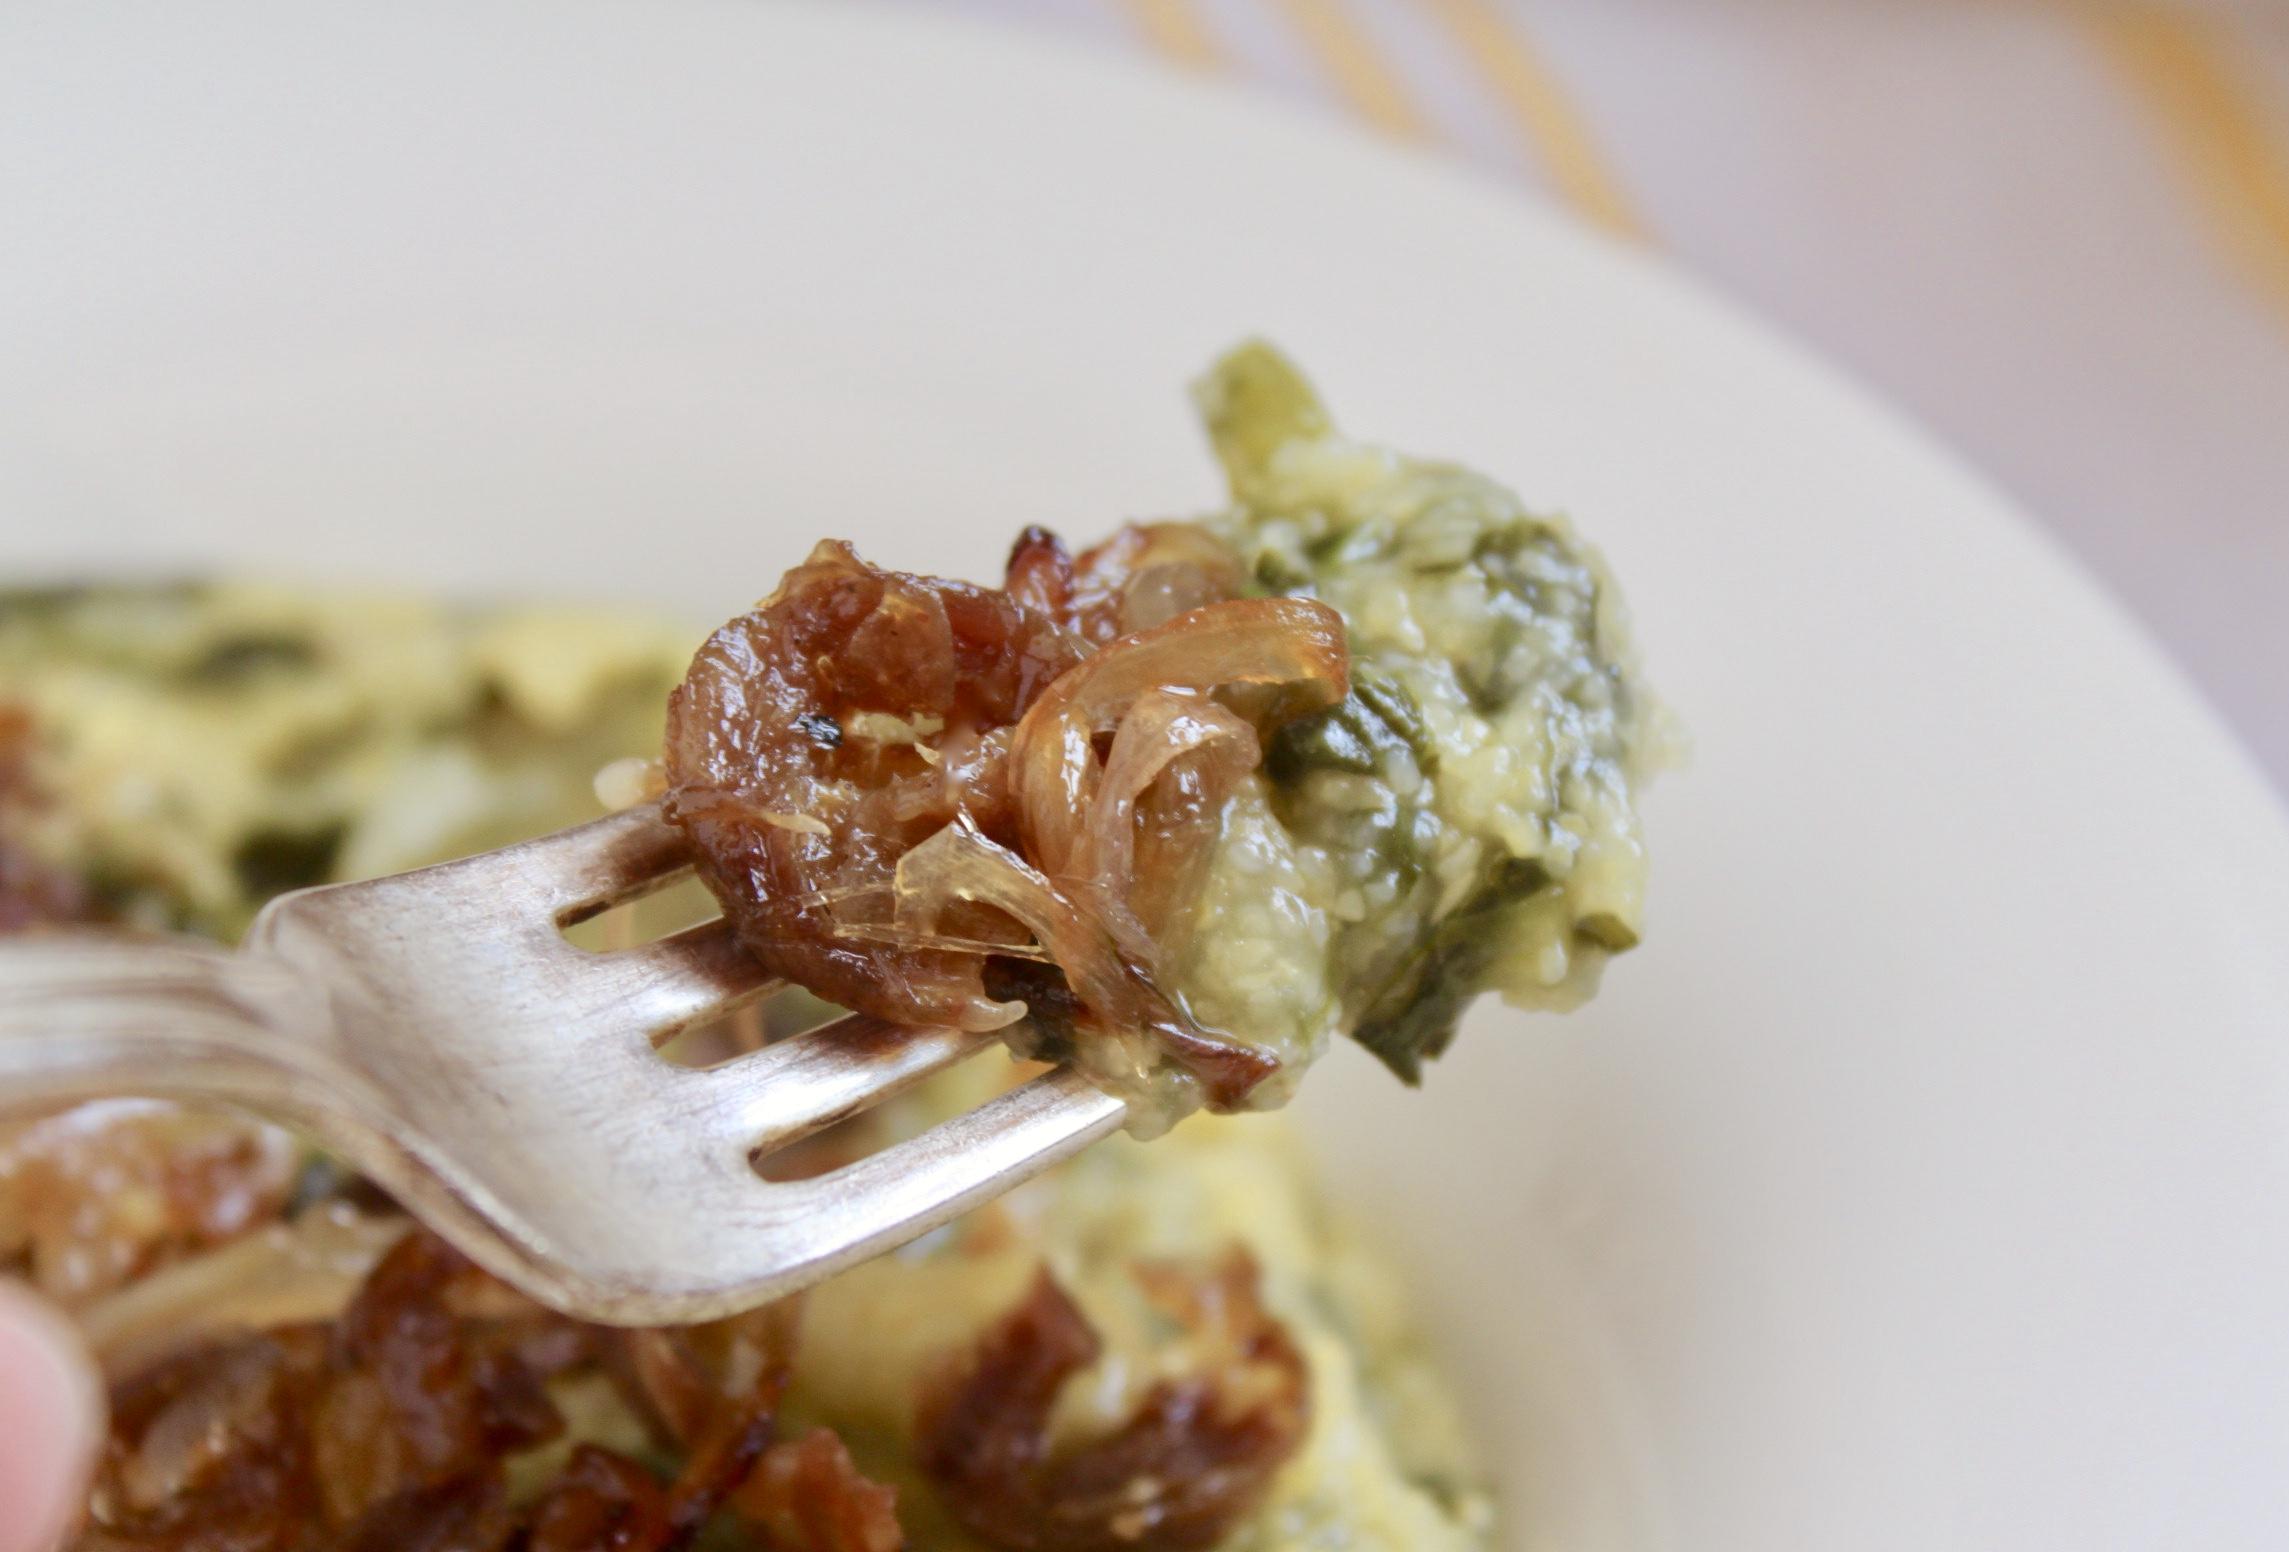 forkful of polenta